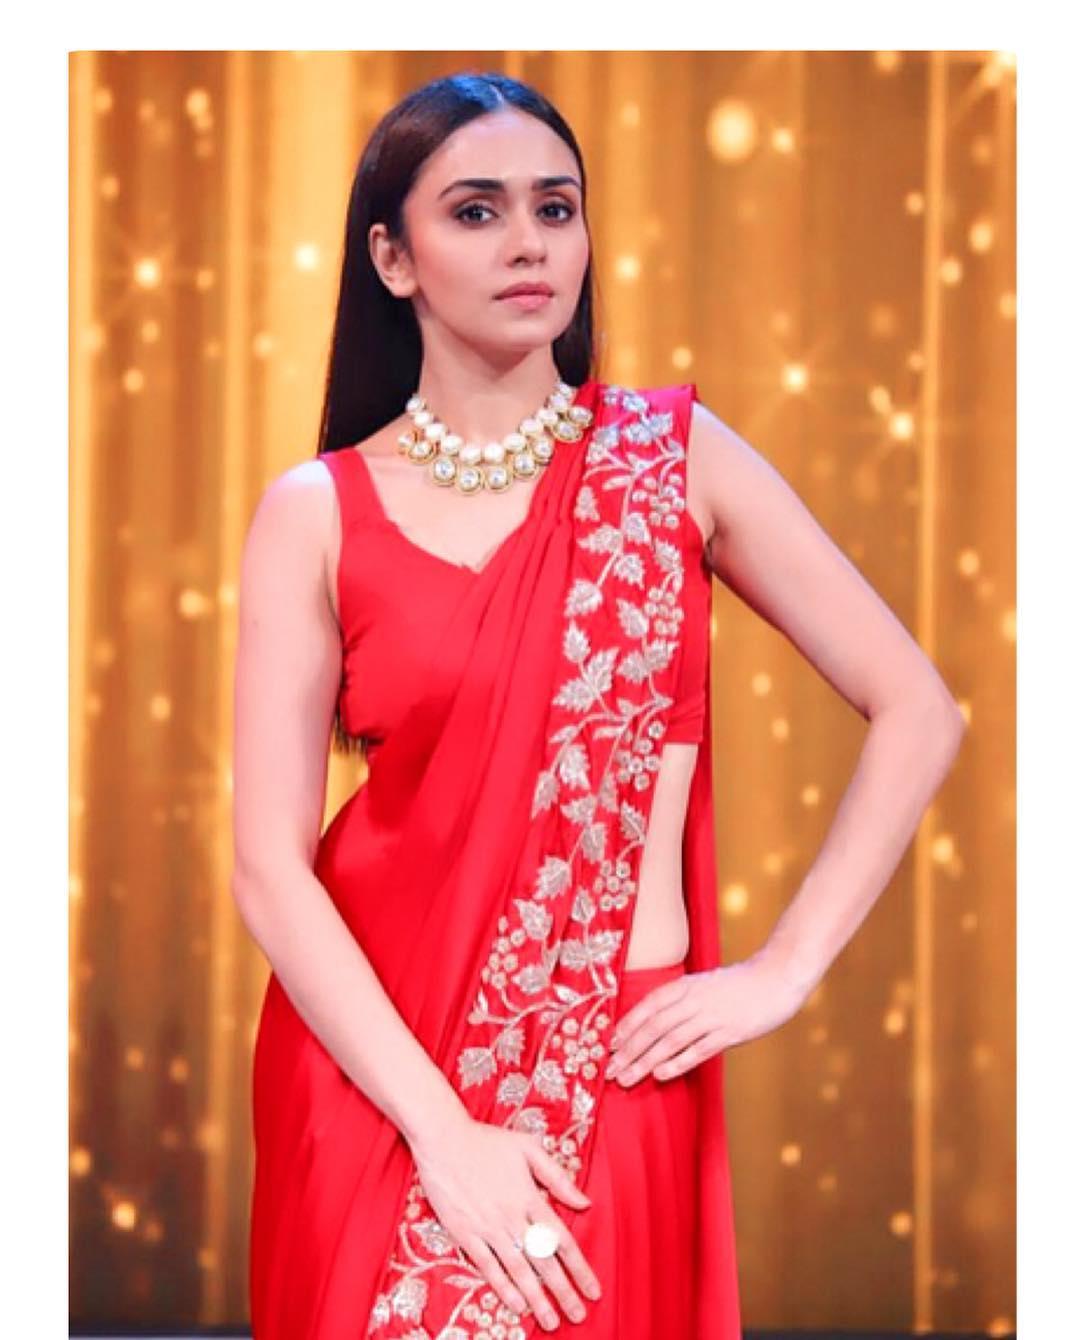 Amruta Khanvilkar Marathi Actress 52